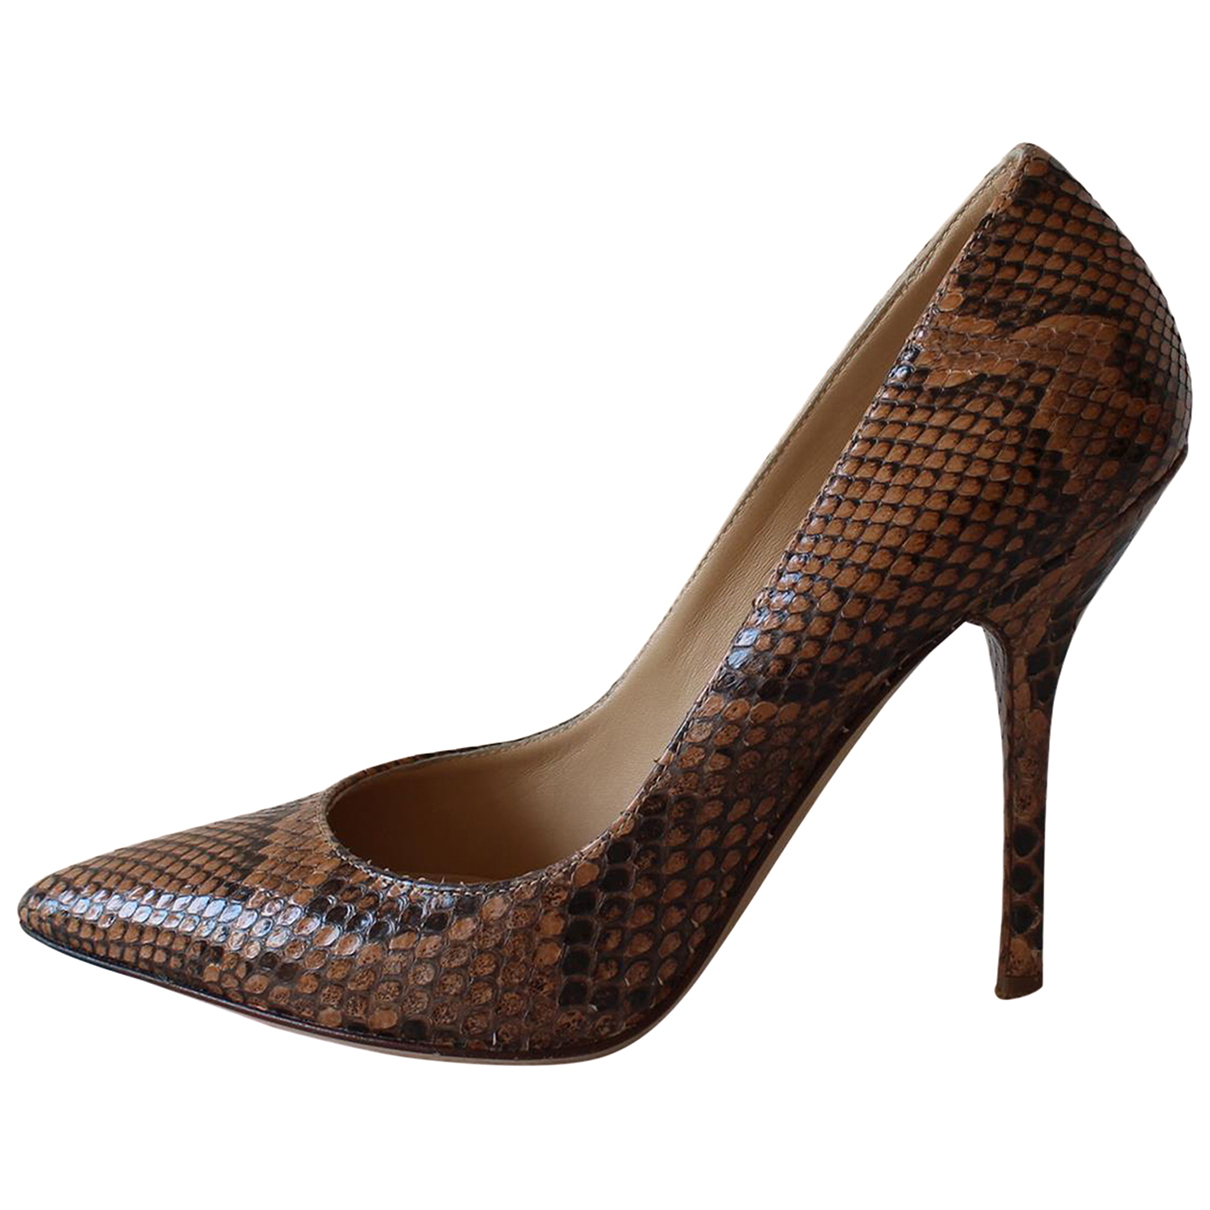 Dolce & Gabbana \N Pumps in  Braun Python